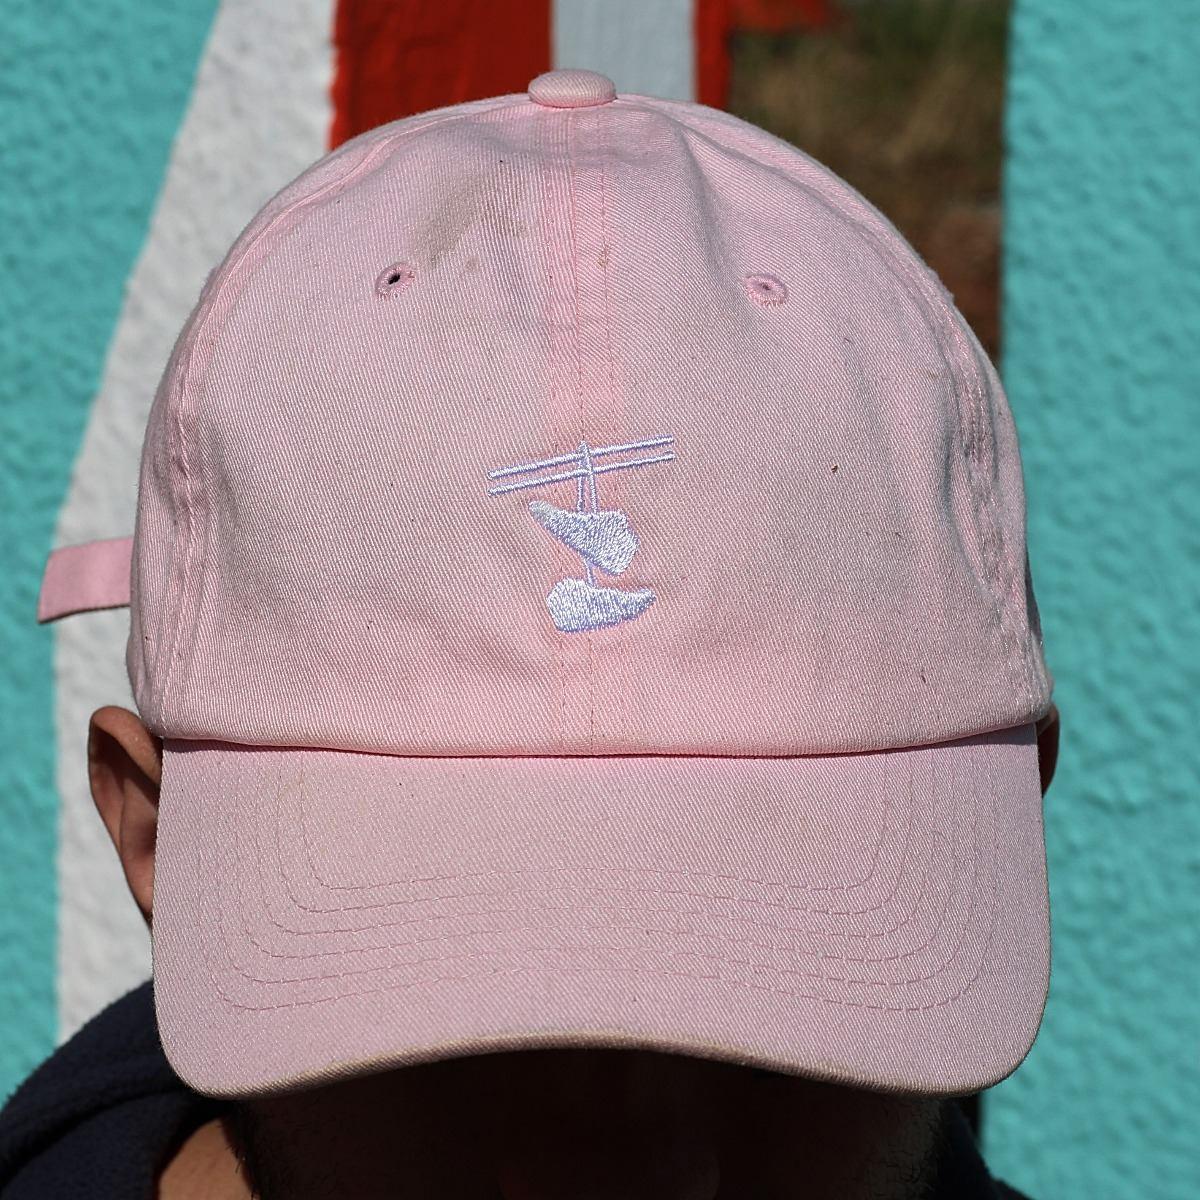 boné dad hat dgk rosa original pronta entrega gringo. Carregando zoom. 369585021fe